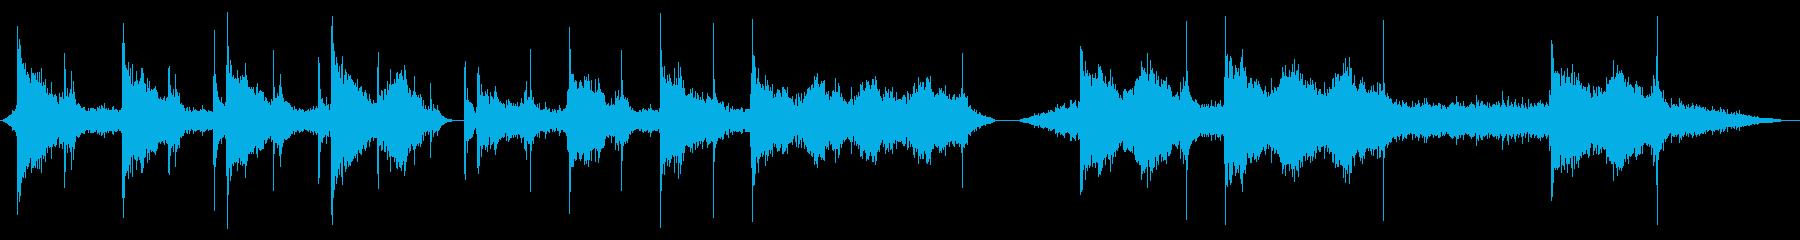 産業機械油圧プレスx3の再生済みの波形